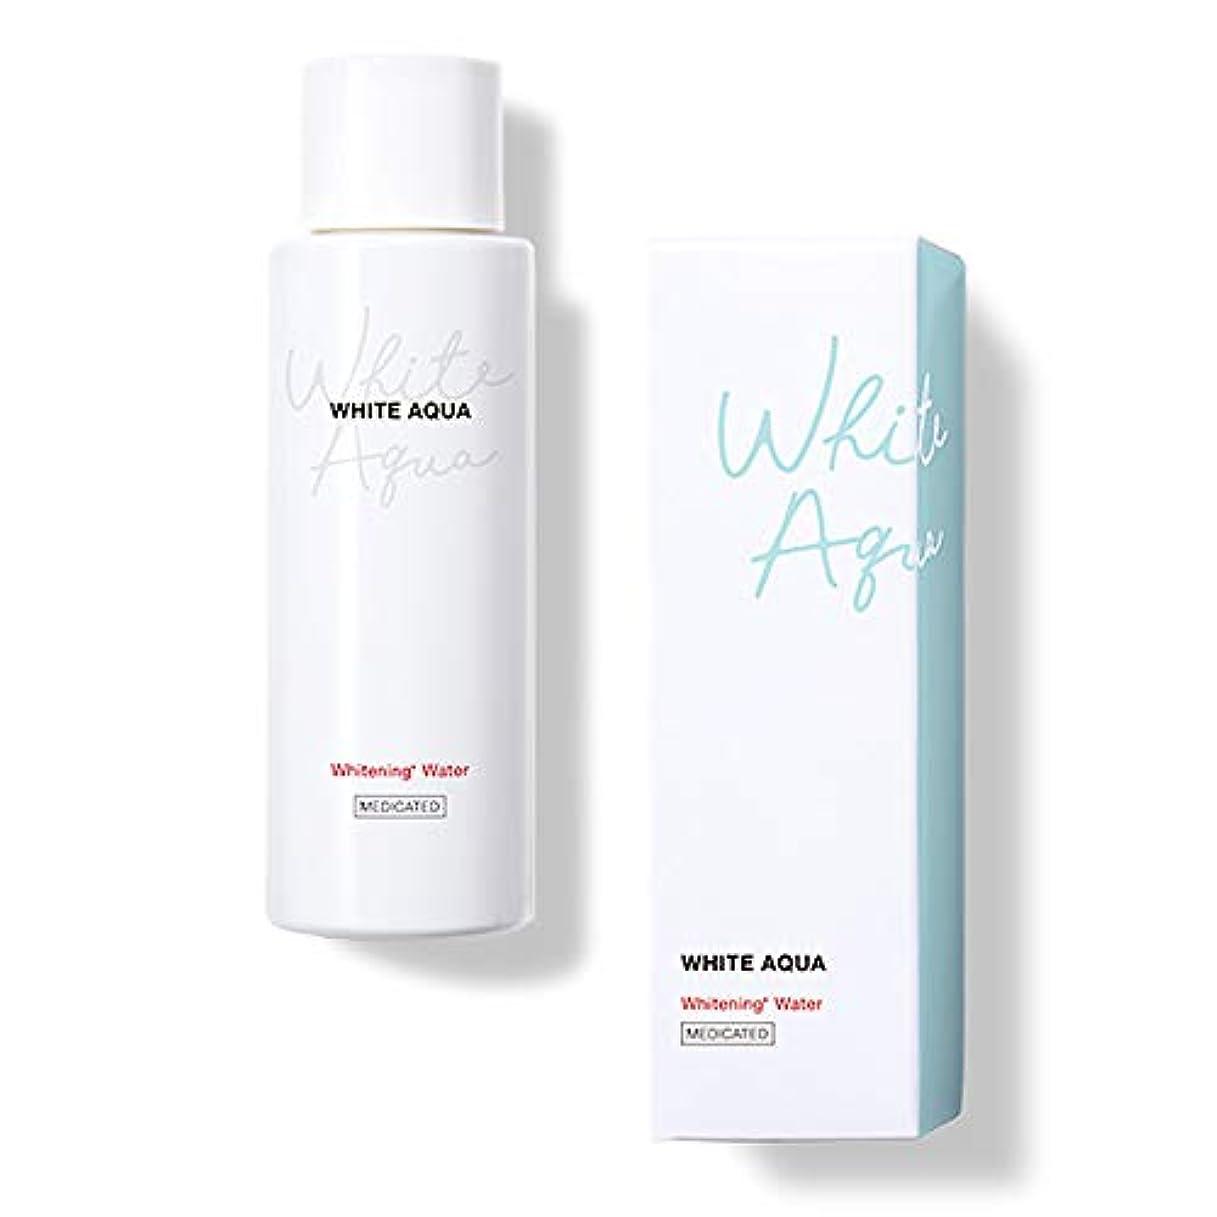 熱帯のシャーク減らすホワイトアクア WHITE AQUA 薬用美白水